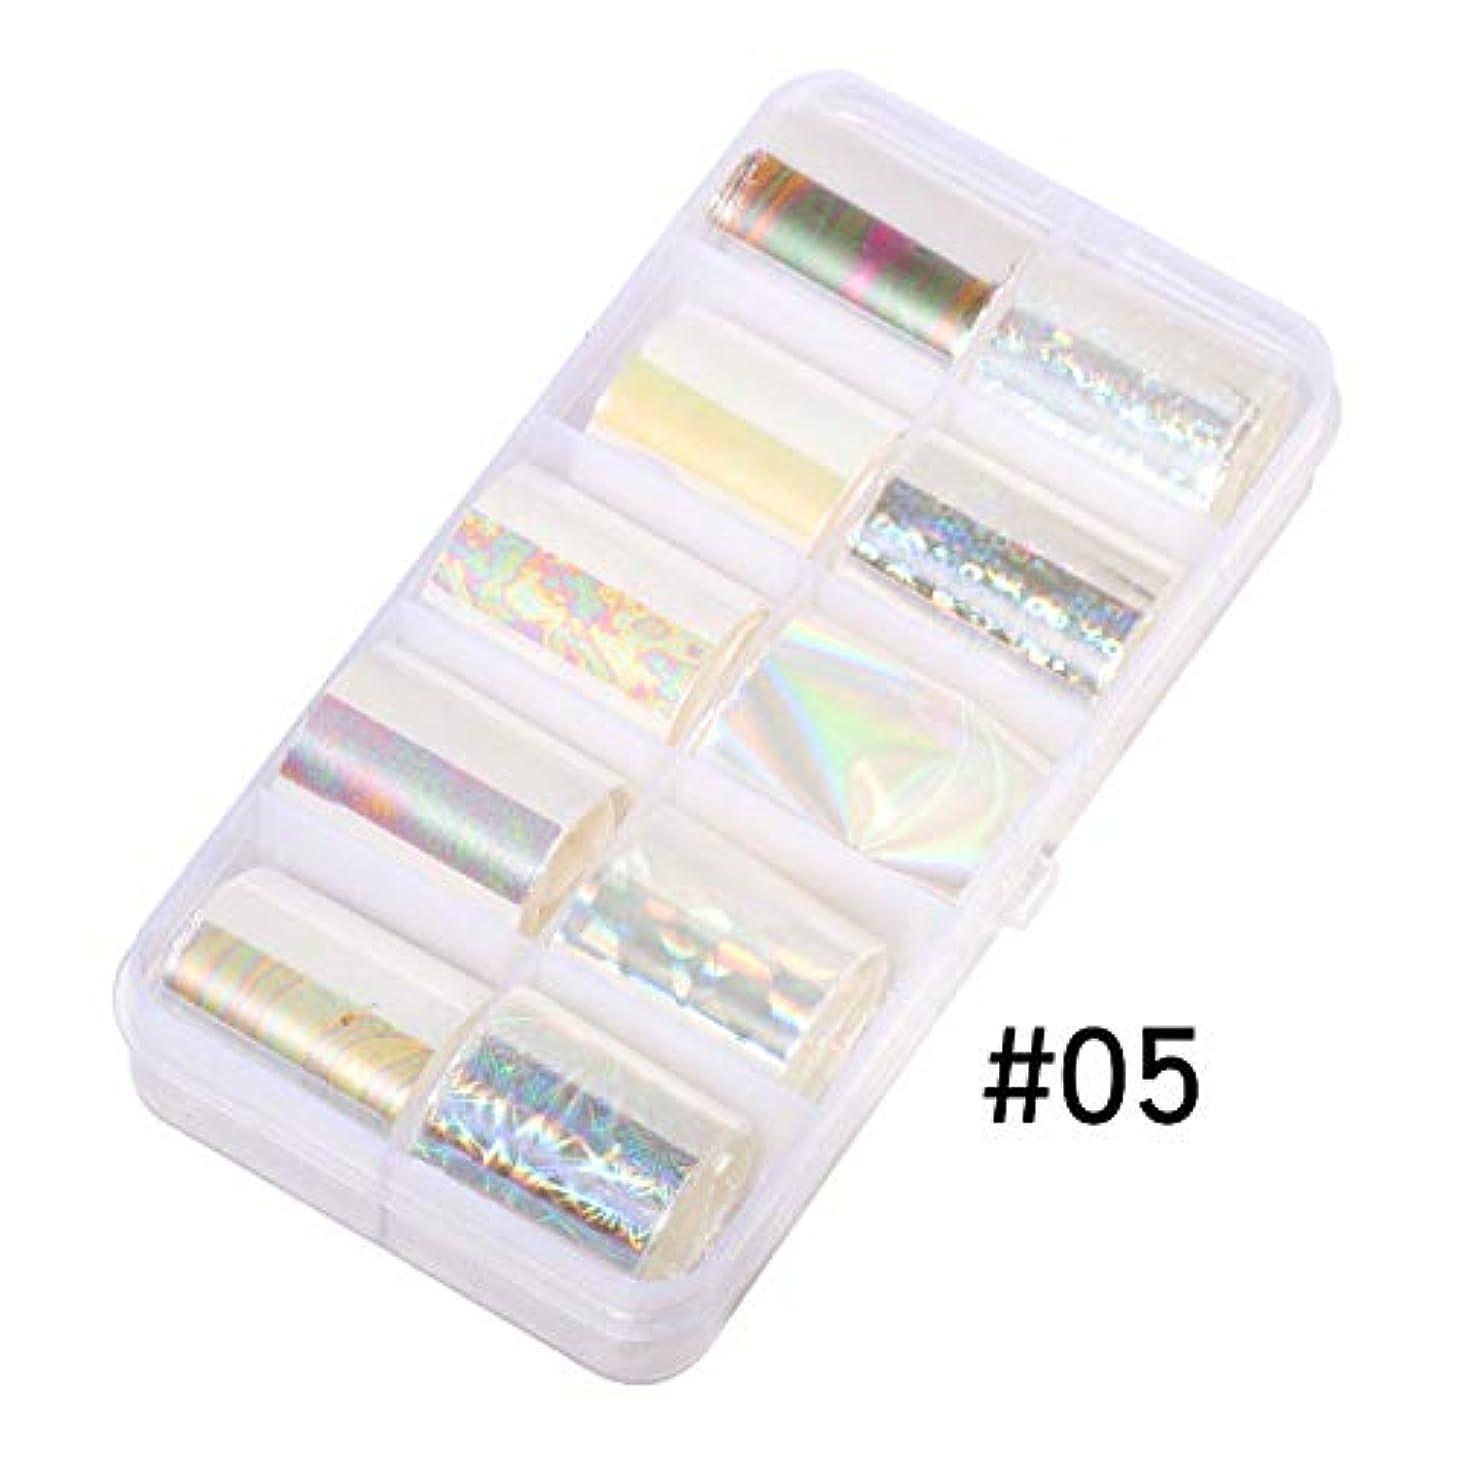 彫刻酸素乱すOSOGODE(オソグド) ネイルホイルシール ネイルステッカー 貝殻シール 貝殻柄ネイルホイル箔 10色セット セロファン DIYネイルチップデコレーション (W5)